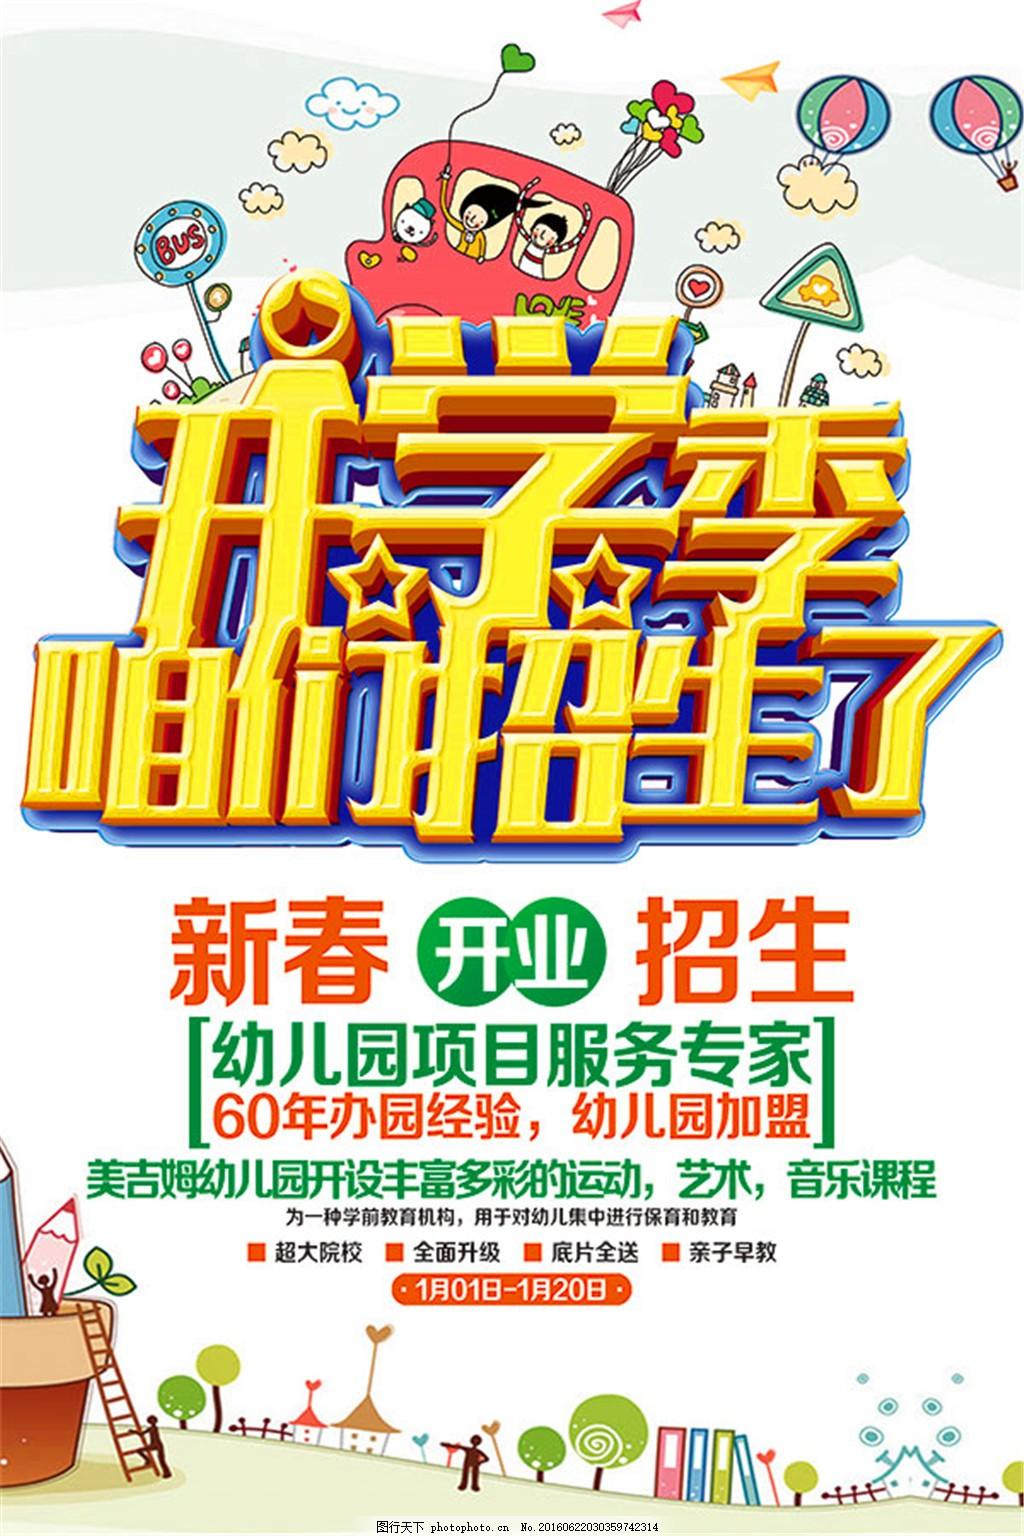 开学季宣传海报 幼儿园海报 幼儿园展板 幼儿园宣传单 幼儿园招生